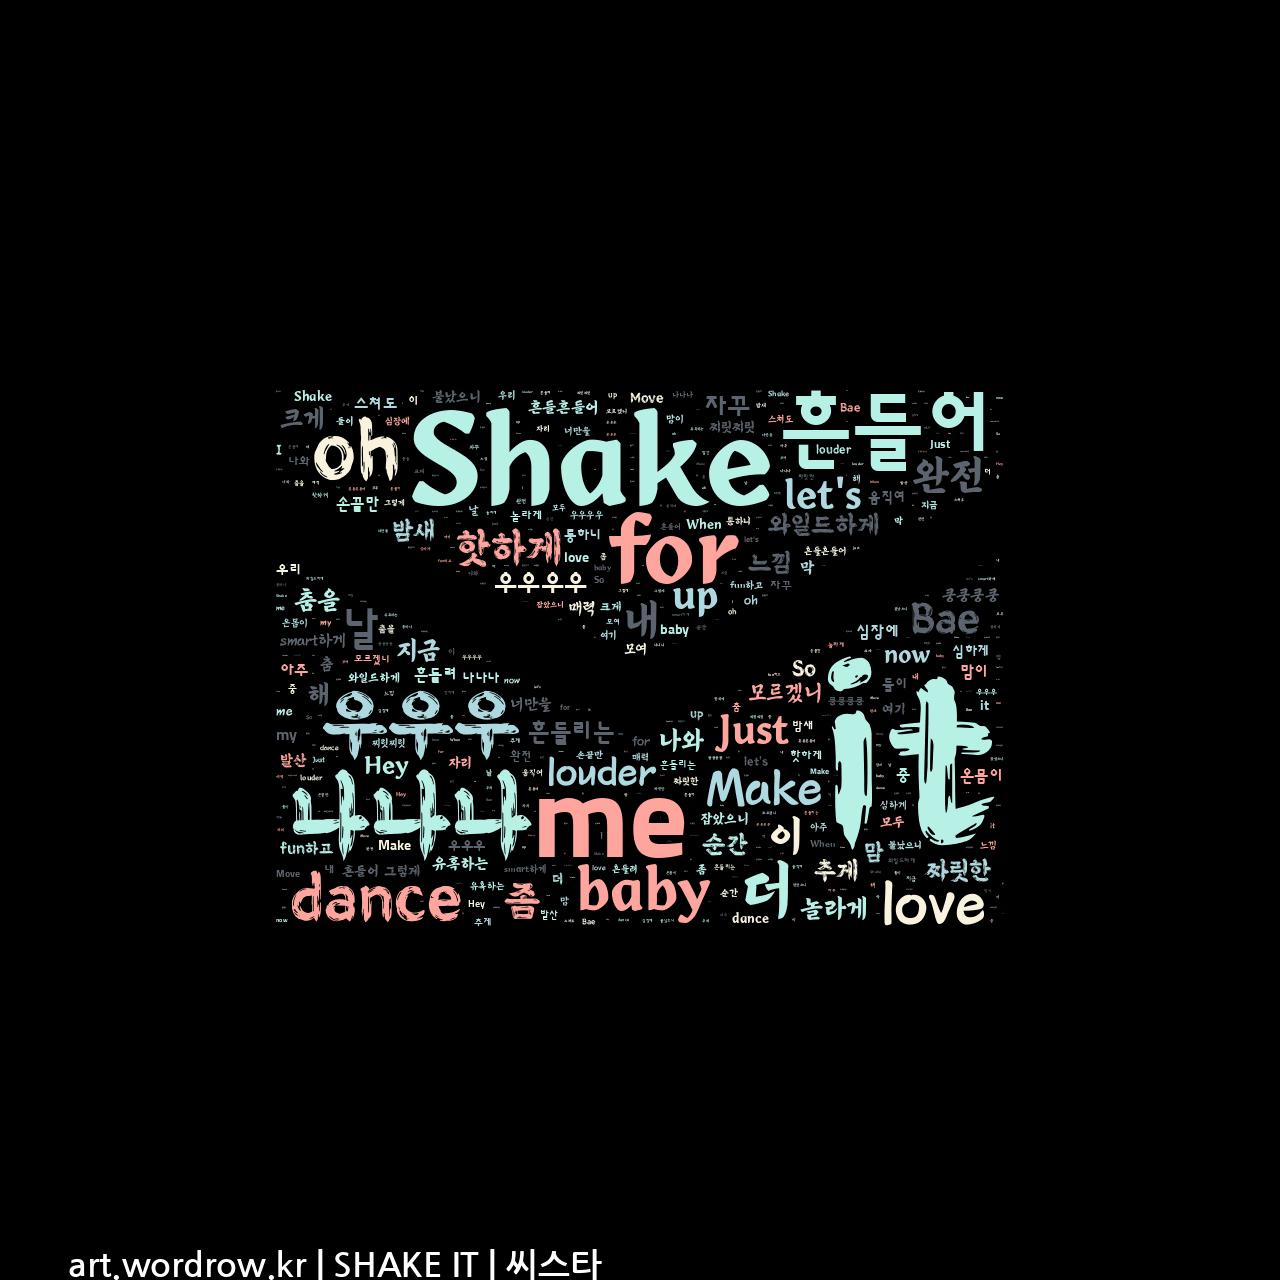 워드 아트: SHAKE IT [씨스타]-71